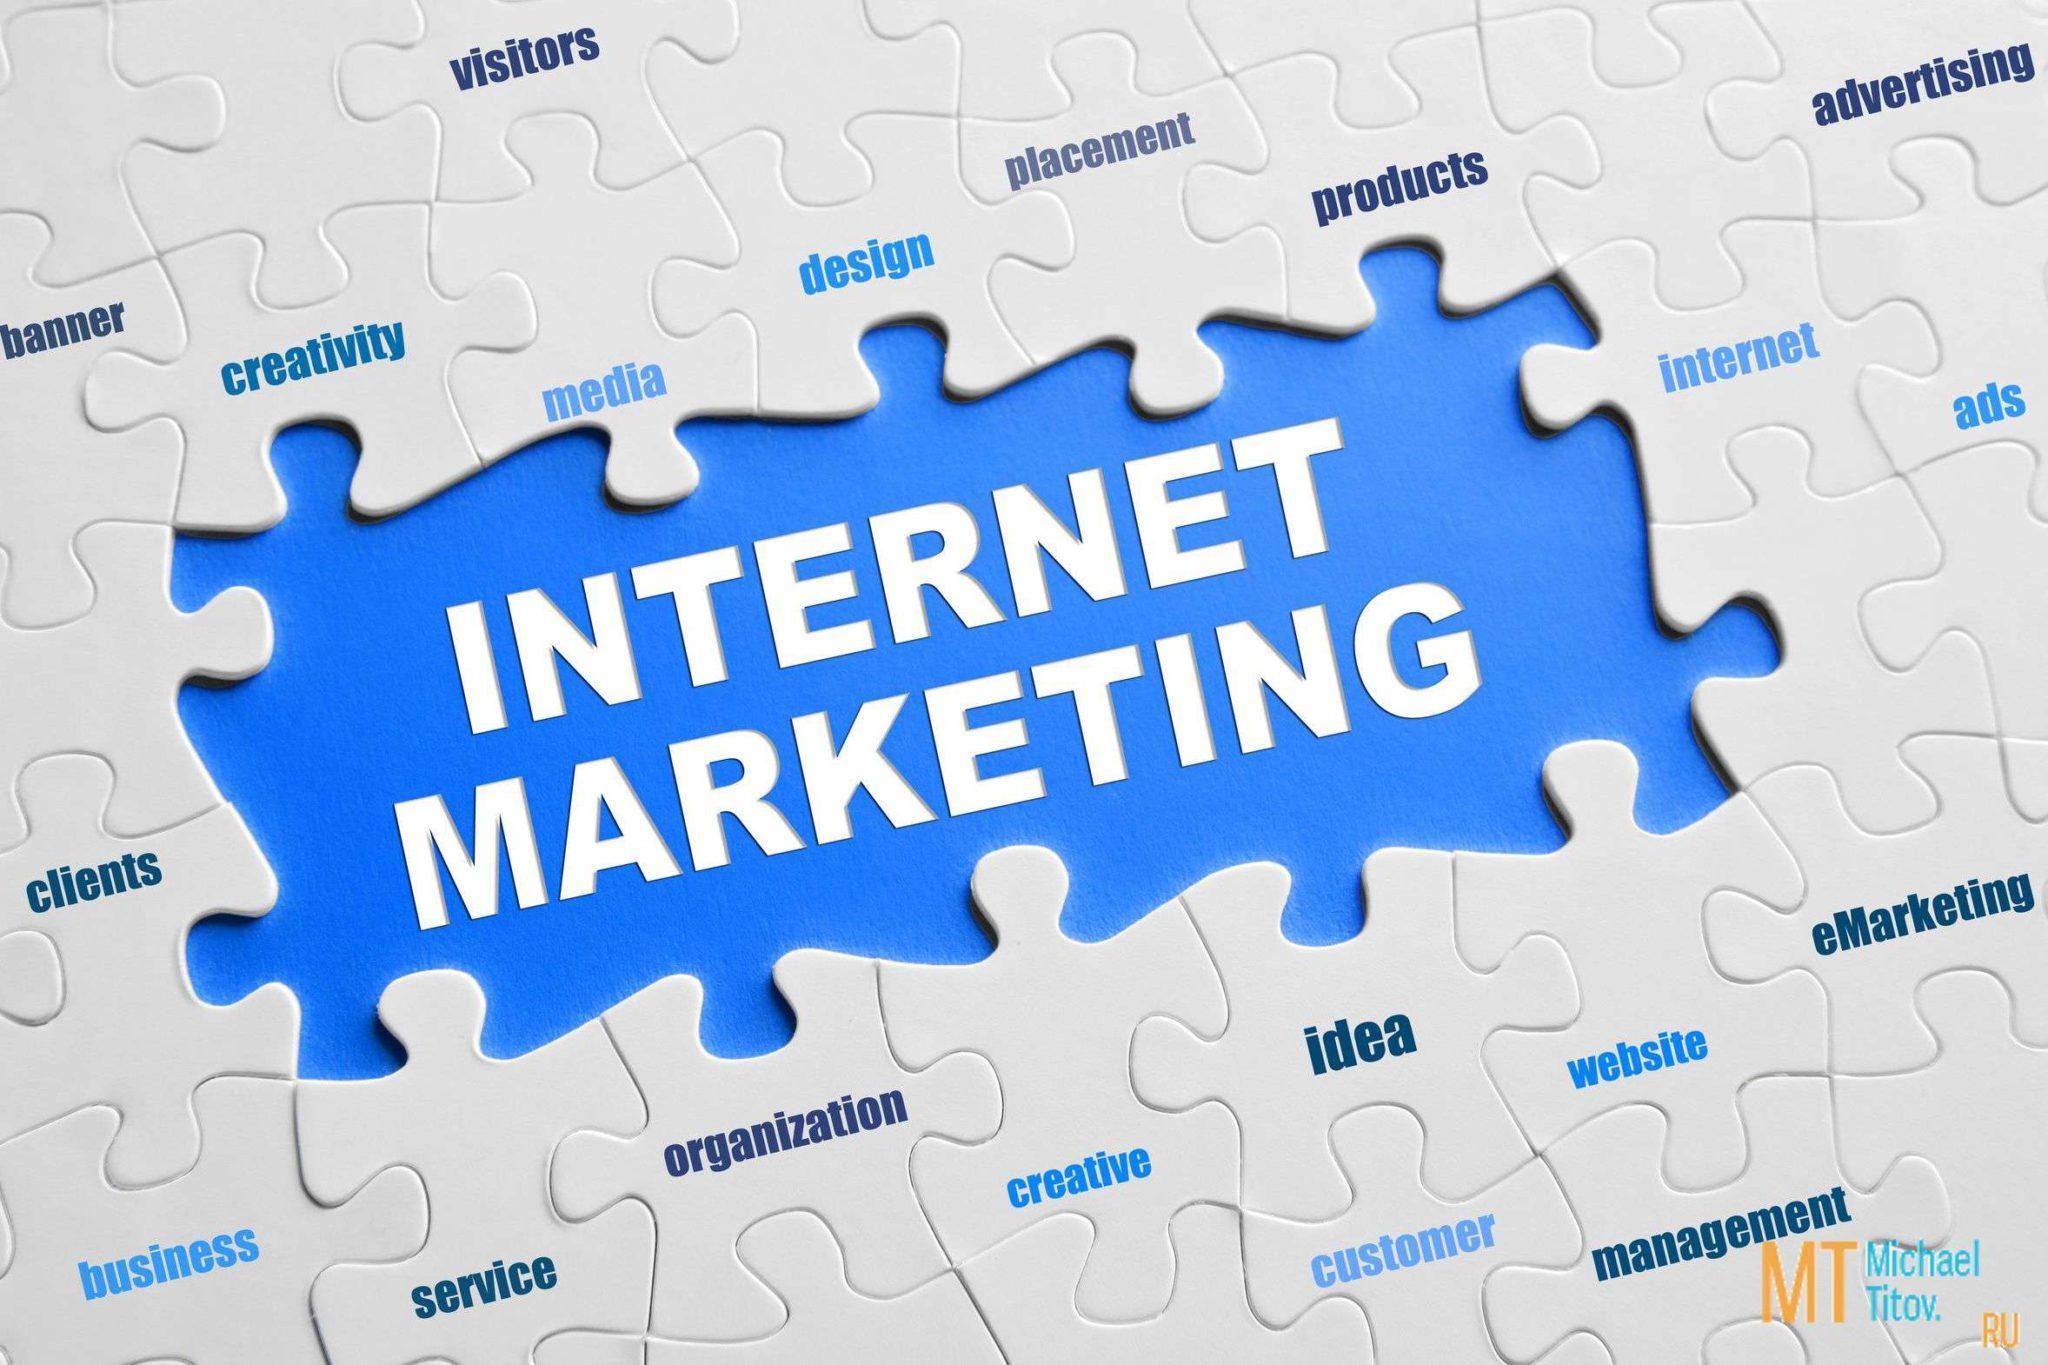 Стратегии интернет маркетинга, которые не слишком повредят Вашему бюджету